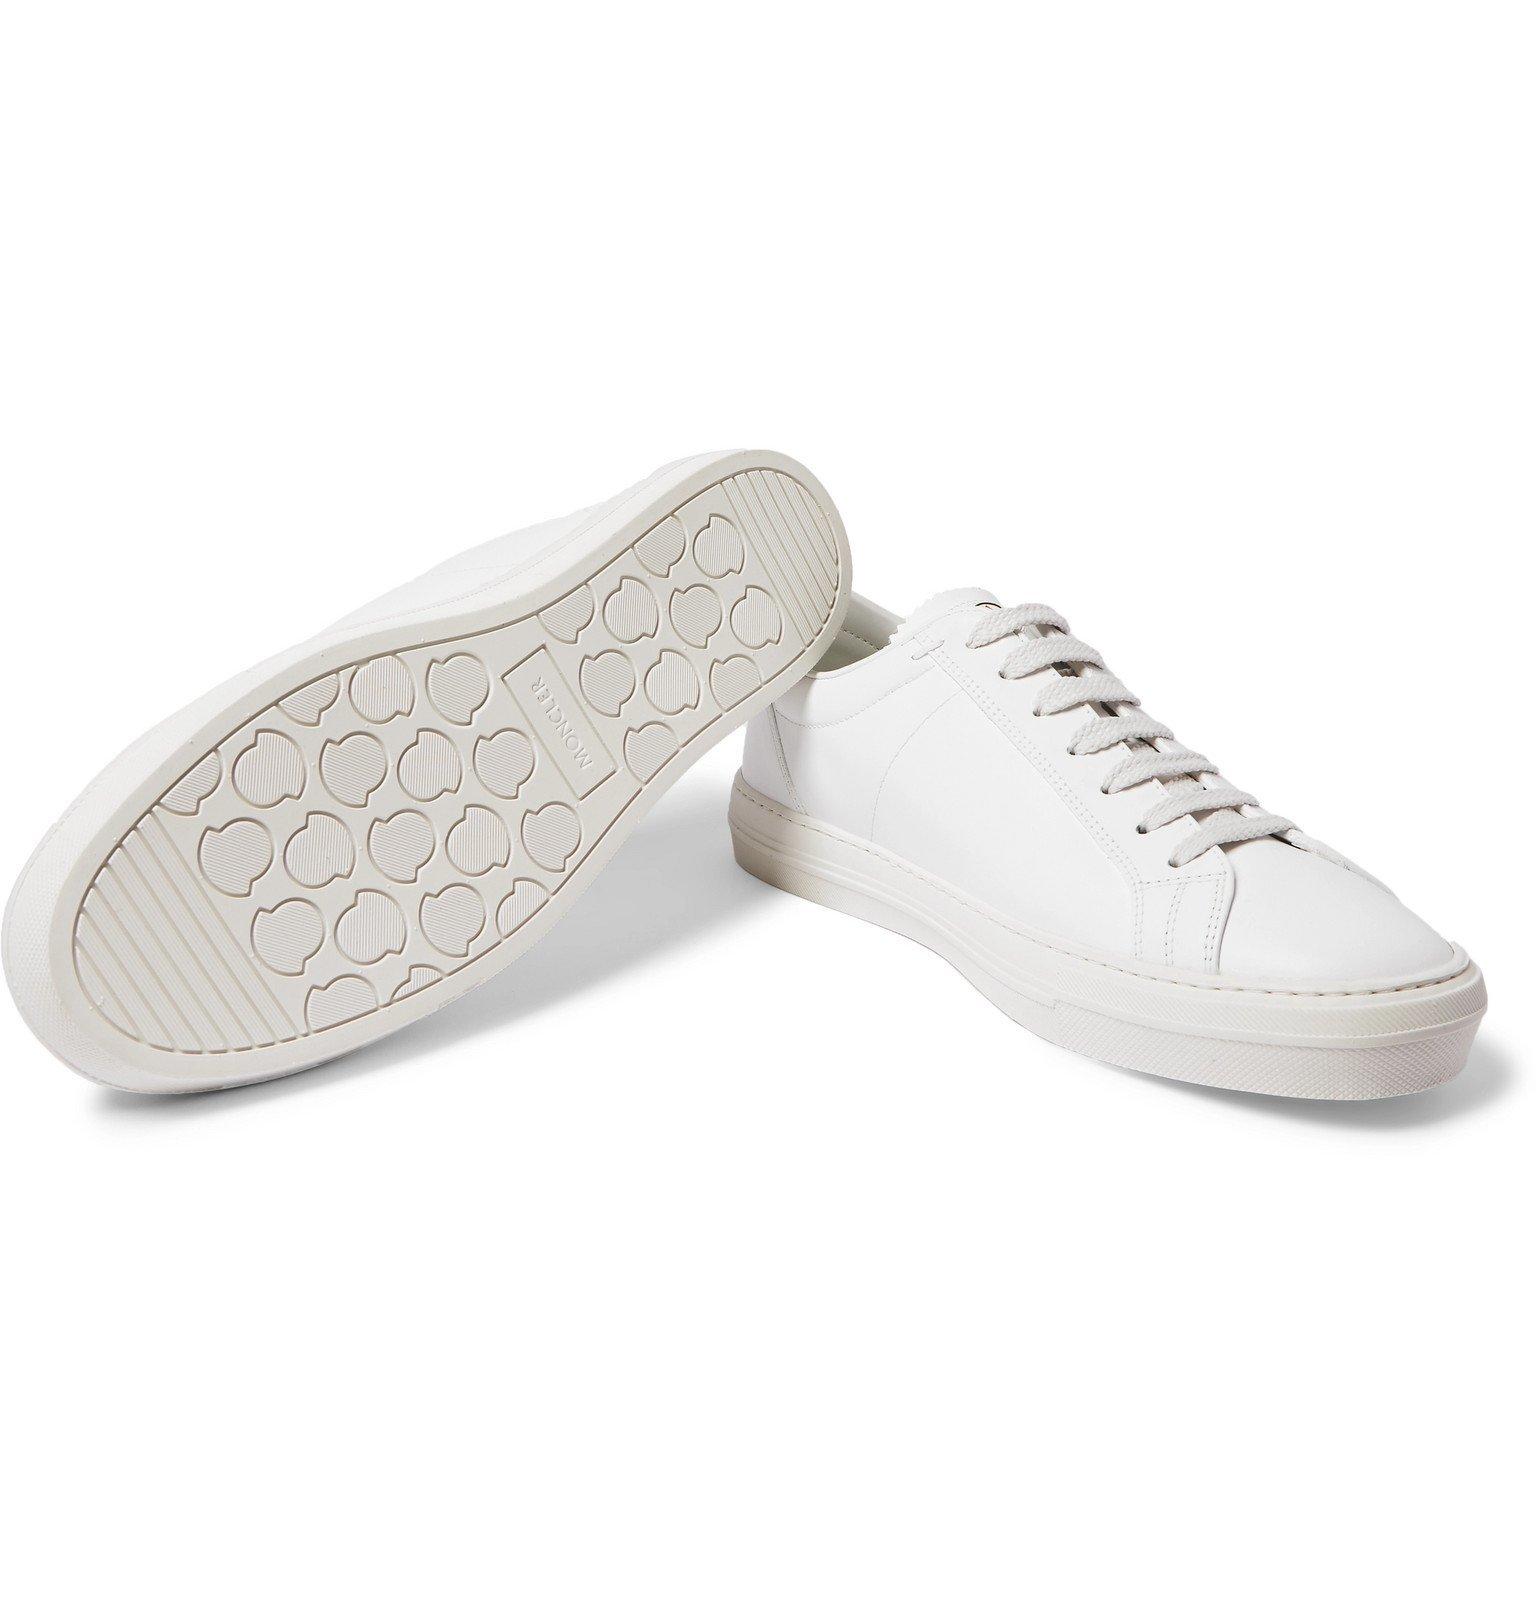 Moncler - Monaco Leather Sneakers - White